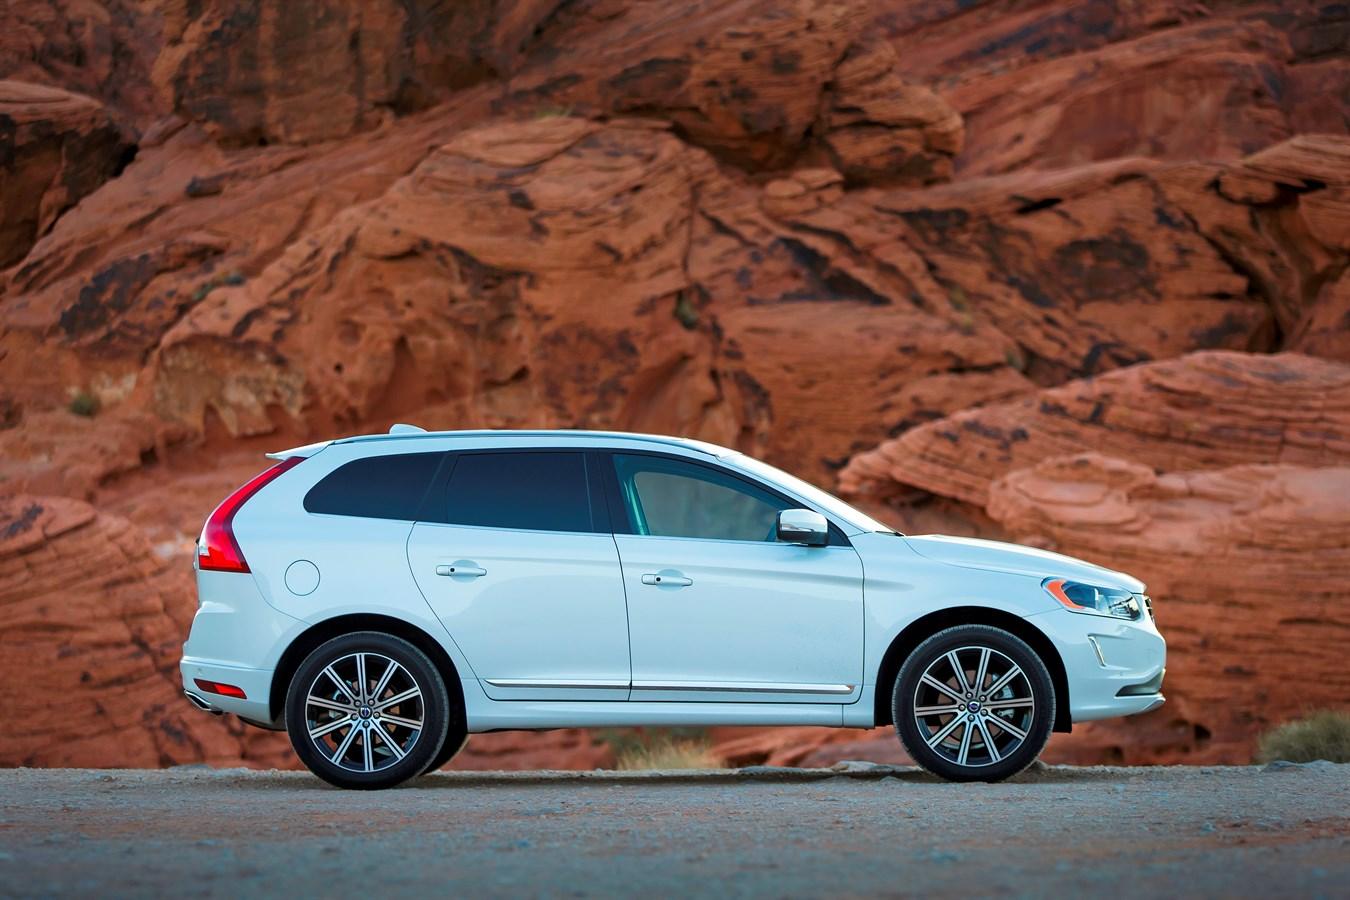 Le Volvo Xc60 Est Le Suv Le Plus Vendu En Europe Dans Sa